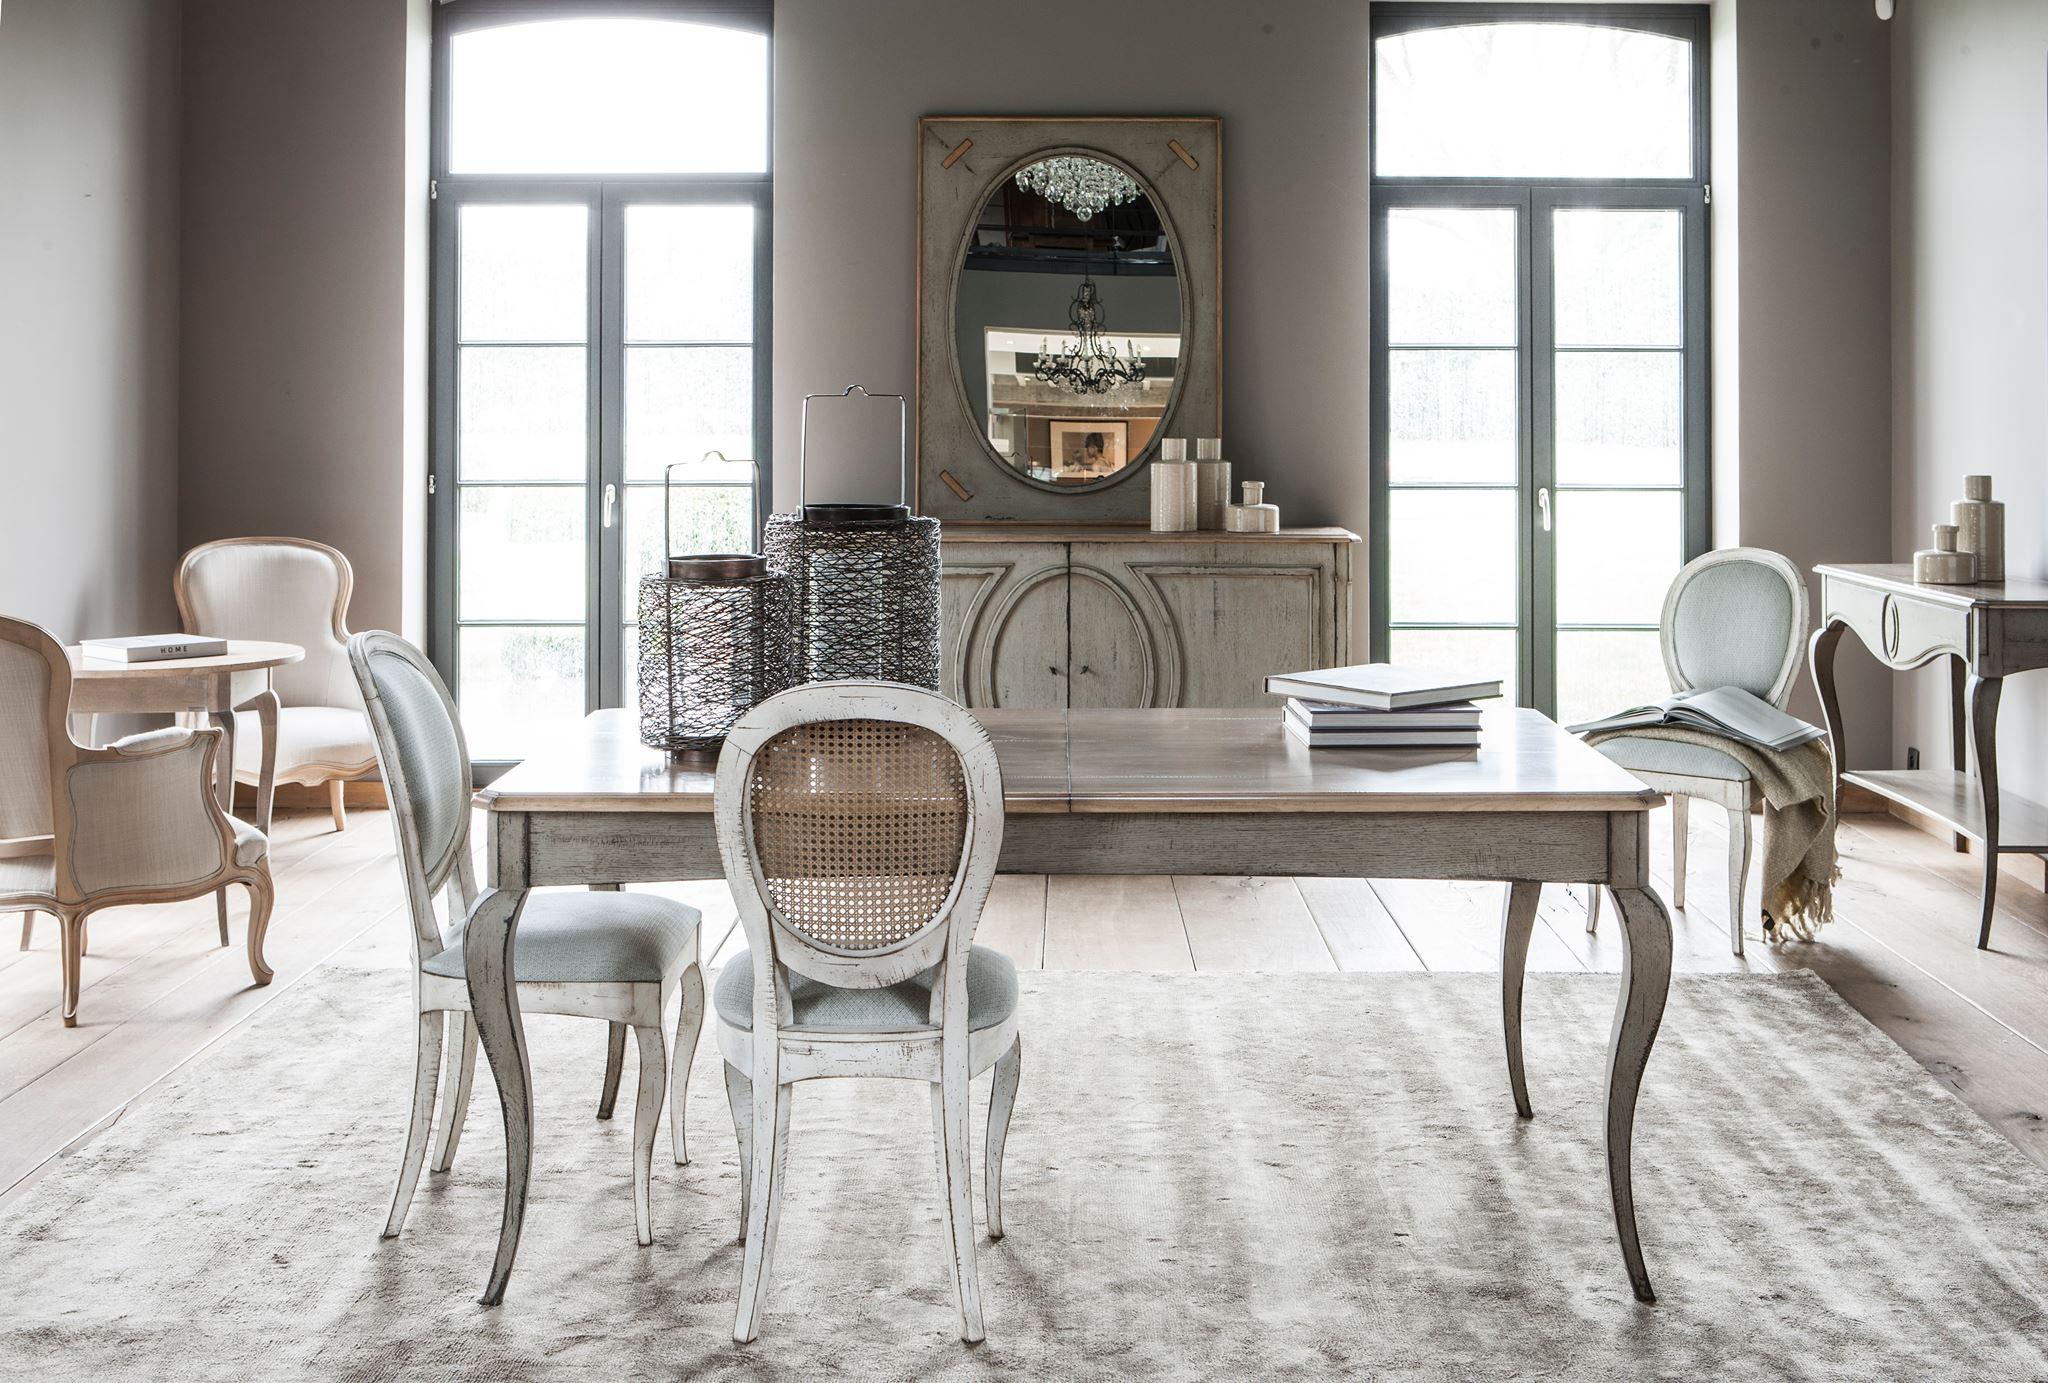 meubles lyon grange. Black Bedroom Furniture Sets. Home Design Ideas